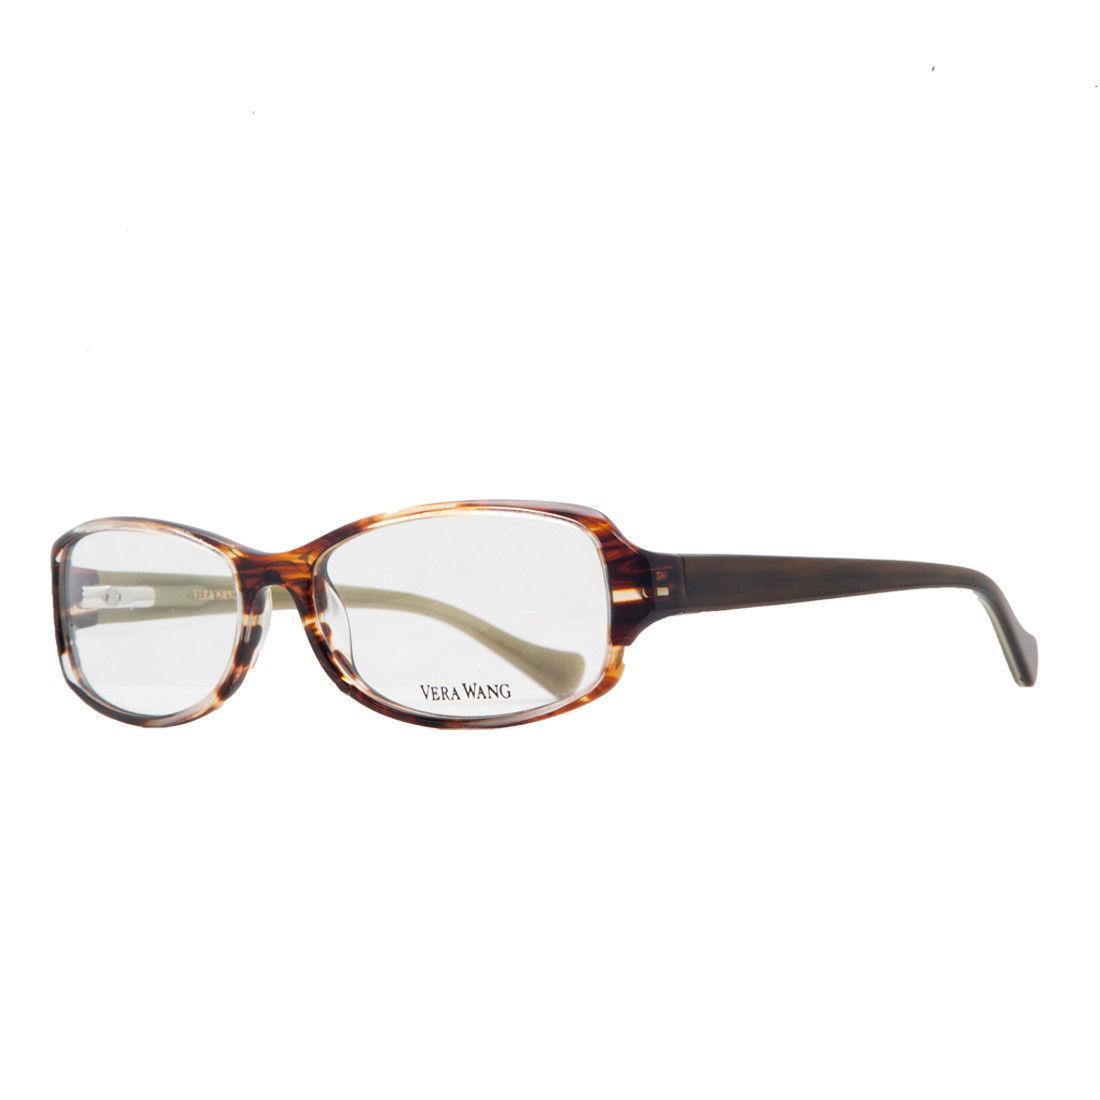 Vera Wang VE 16 CG 54 Cognac Full Rim Womens Optical Frame